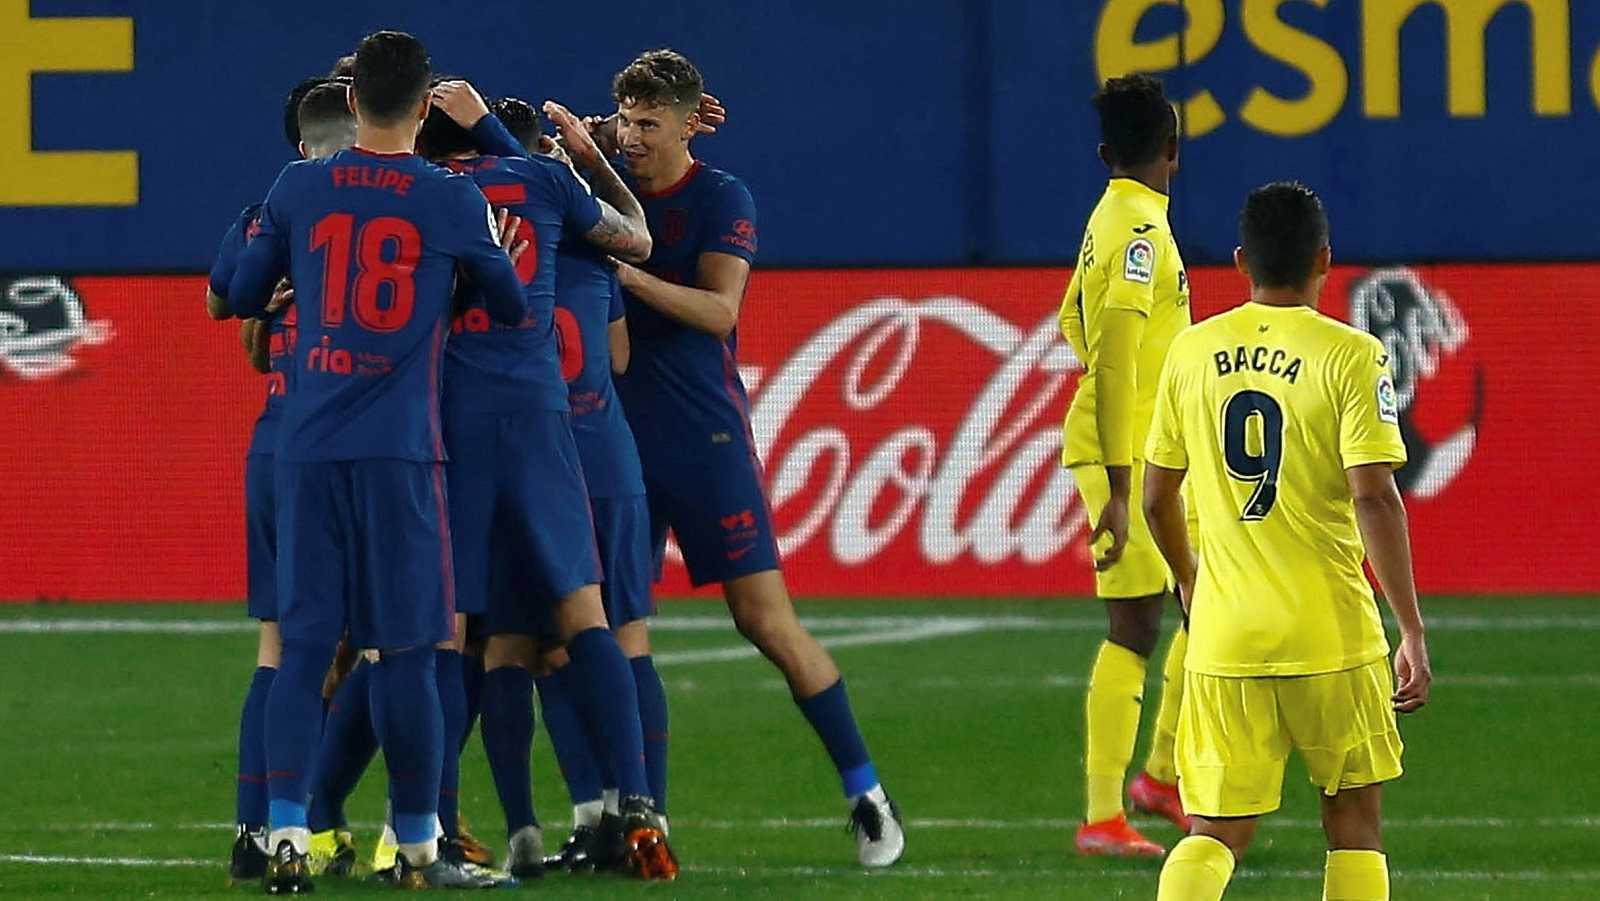 Los jugadores del Atlético de Madrid celebran el gol de Joao Félix